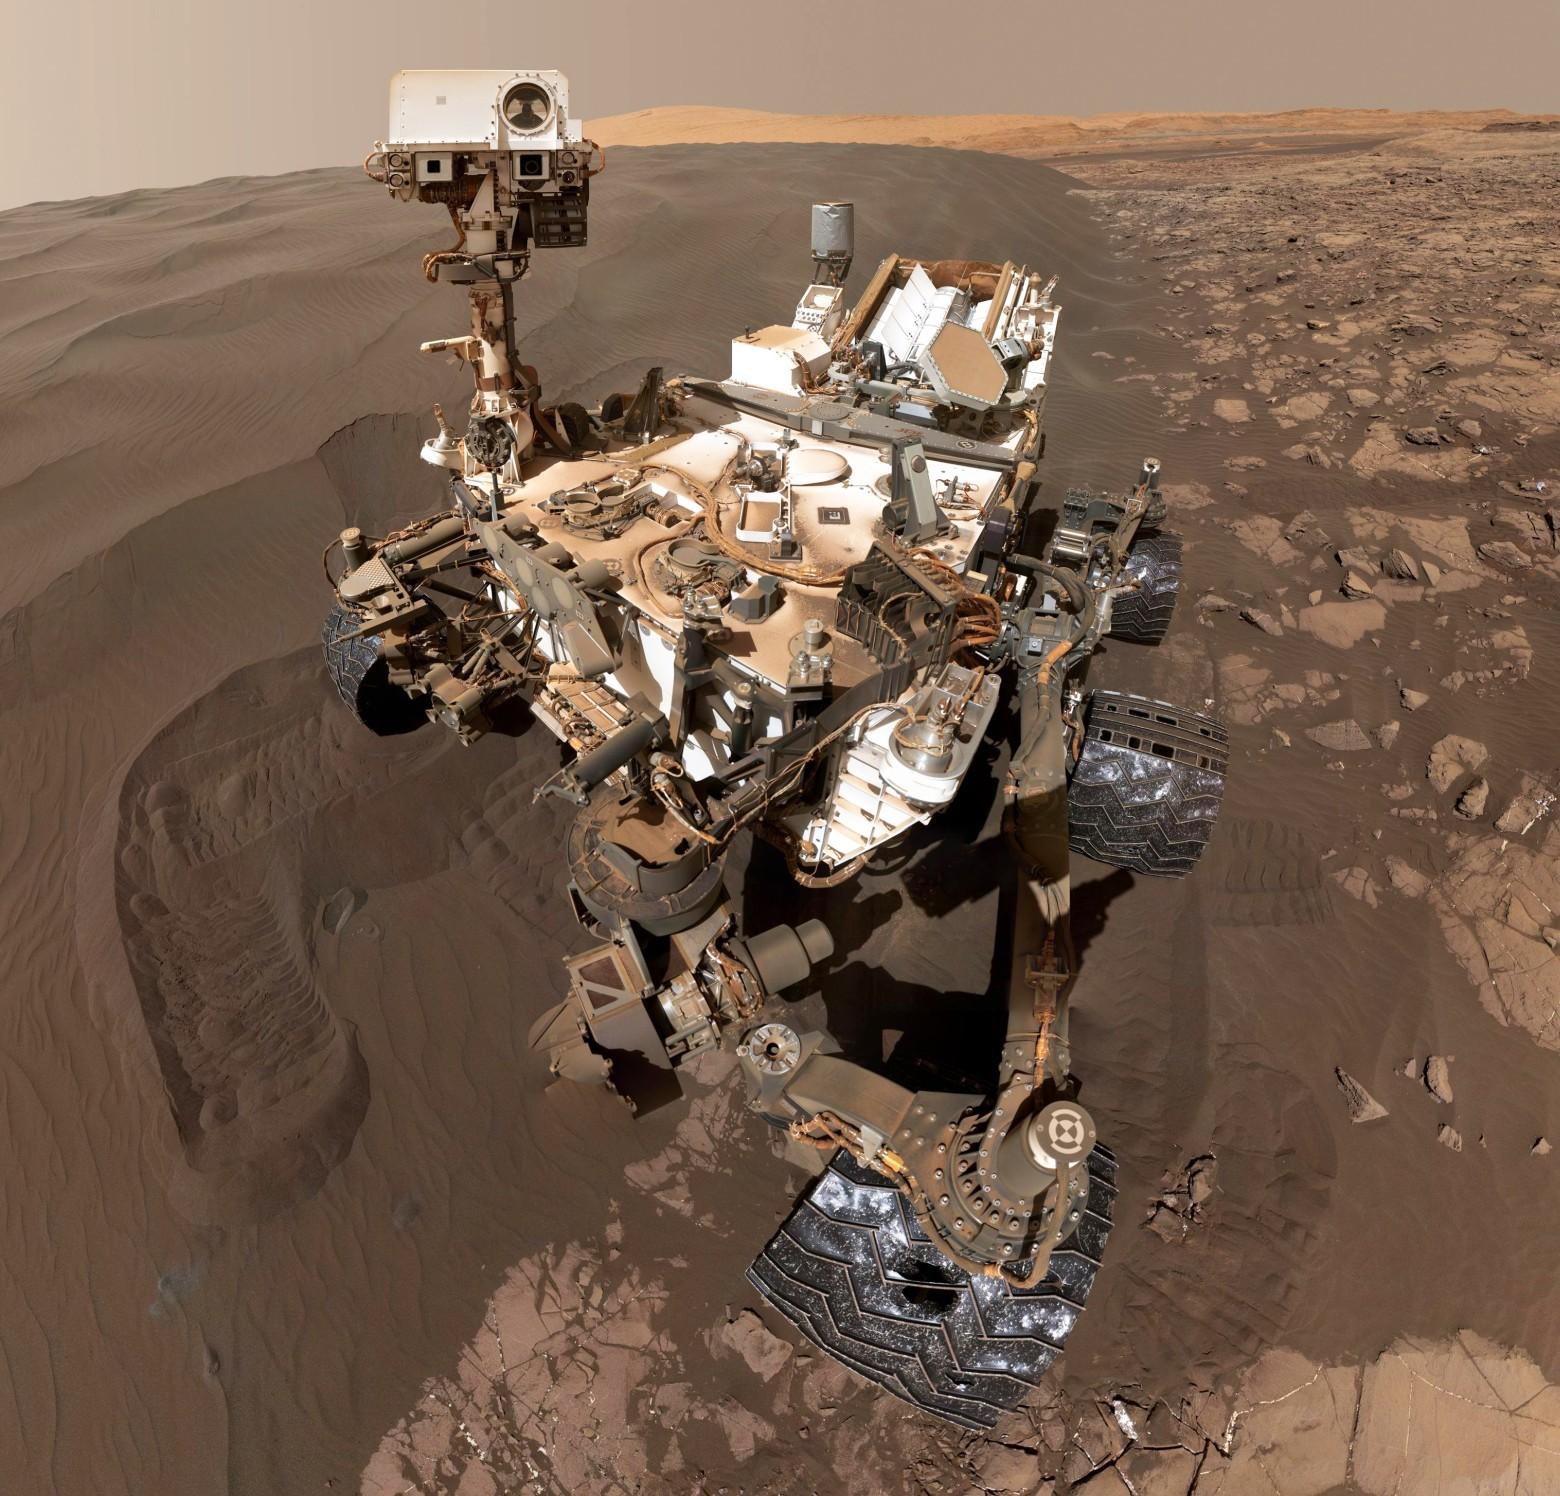 НАСА испытало роторный экскаватор для Марса - 4